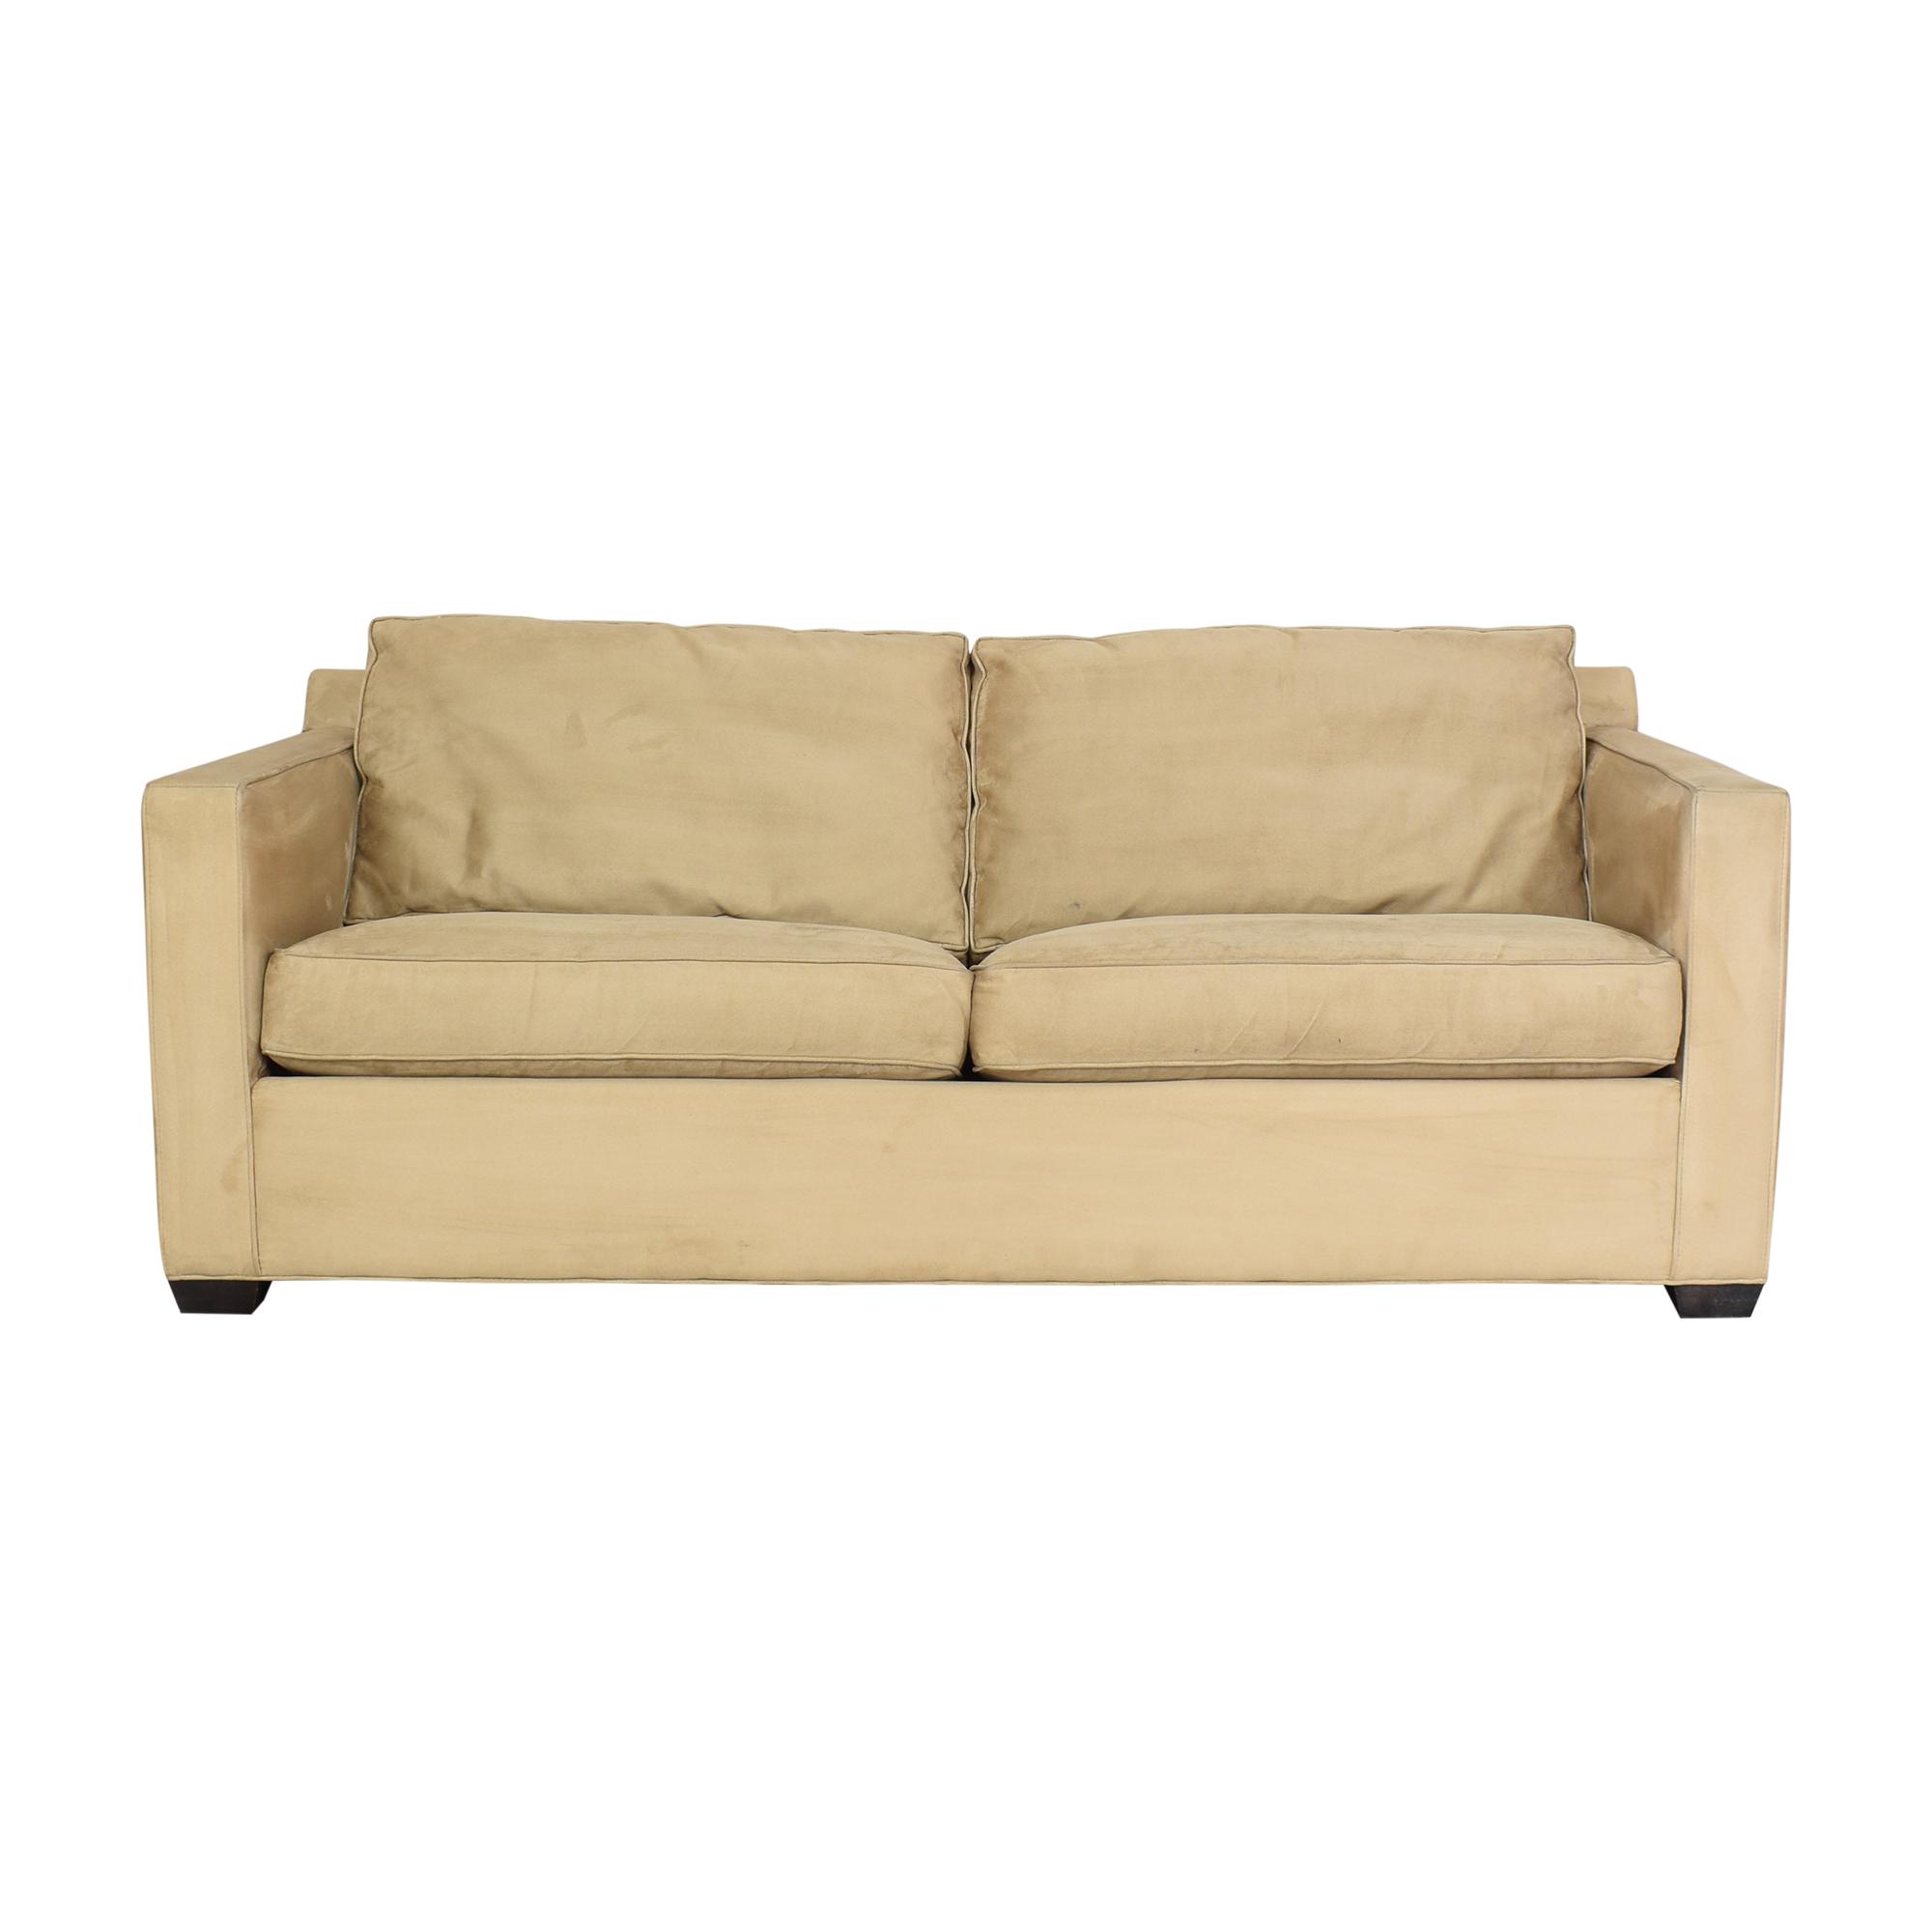 shop Crate & Barrel Davis Sleeper Sofa Crate & Barrel